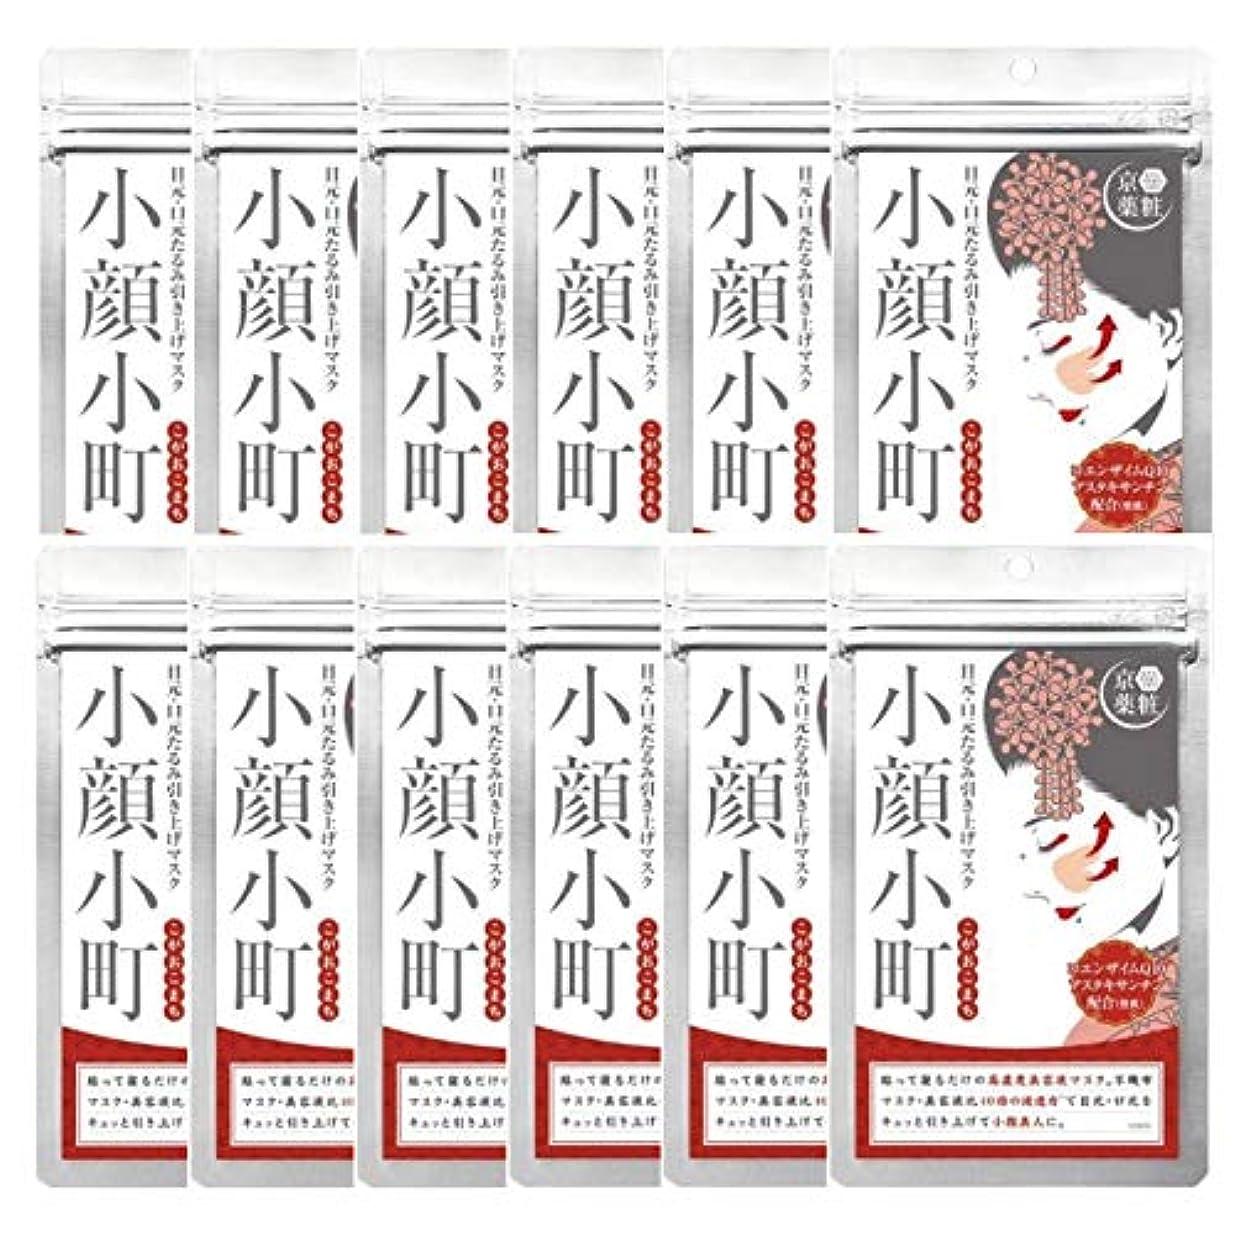 扇動するウサギご覧ください京薬粧 小顔小町 リフトアップマスク ×12セット